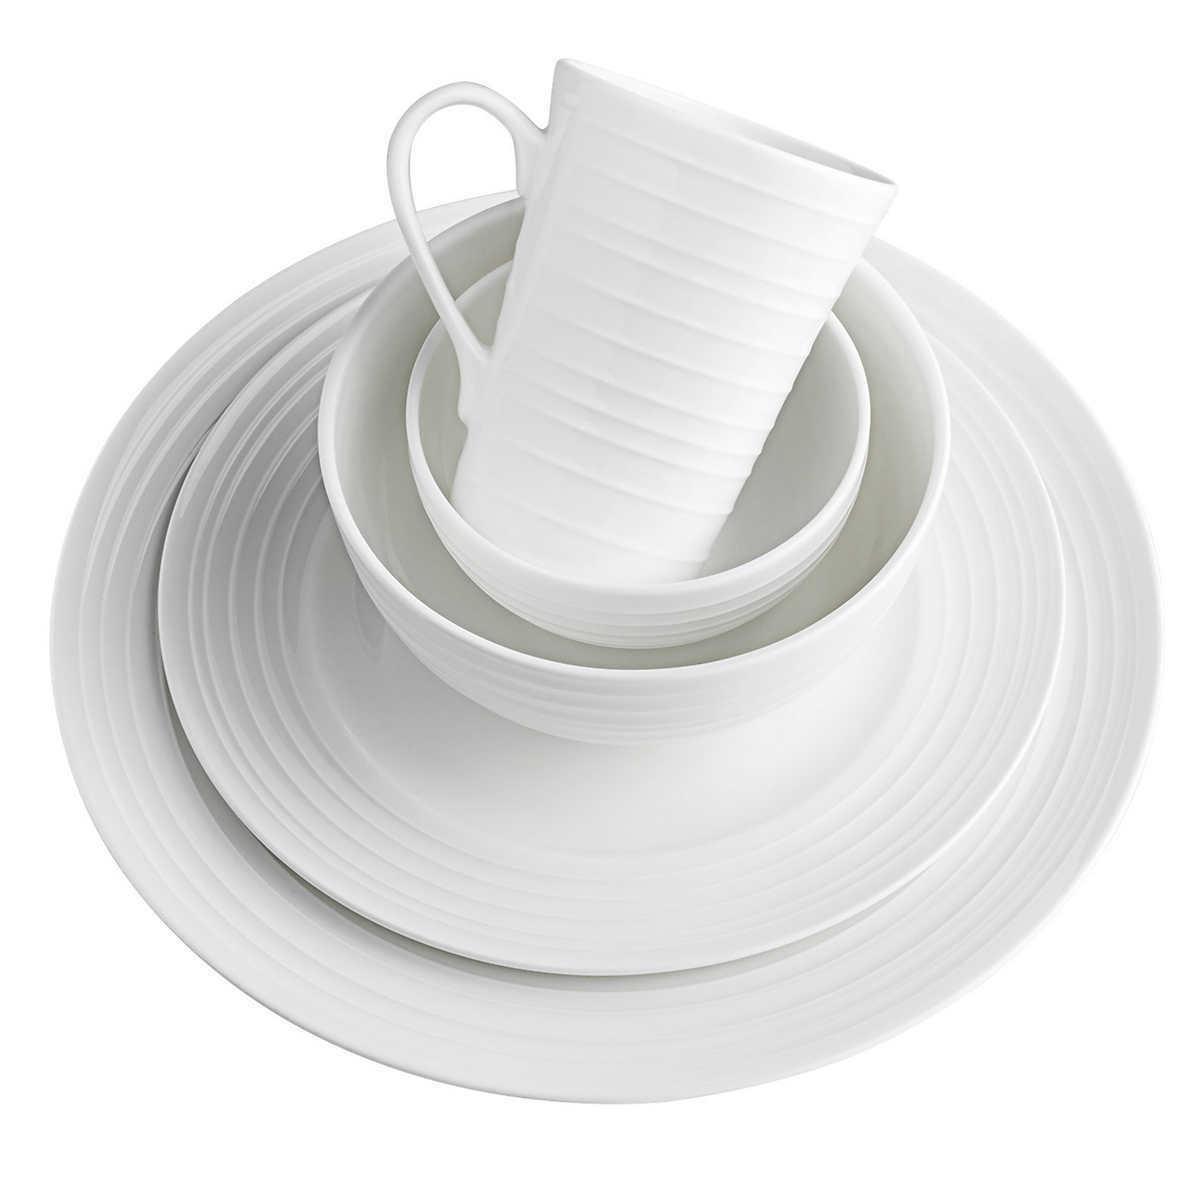 Mikasa China Dinnerware